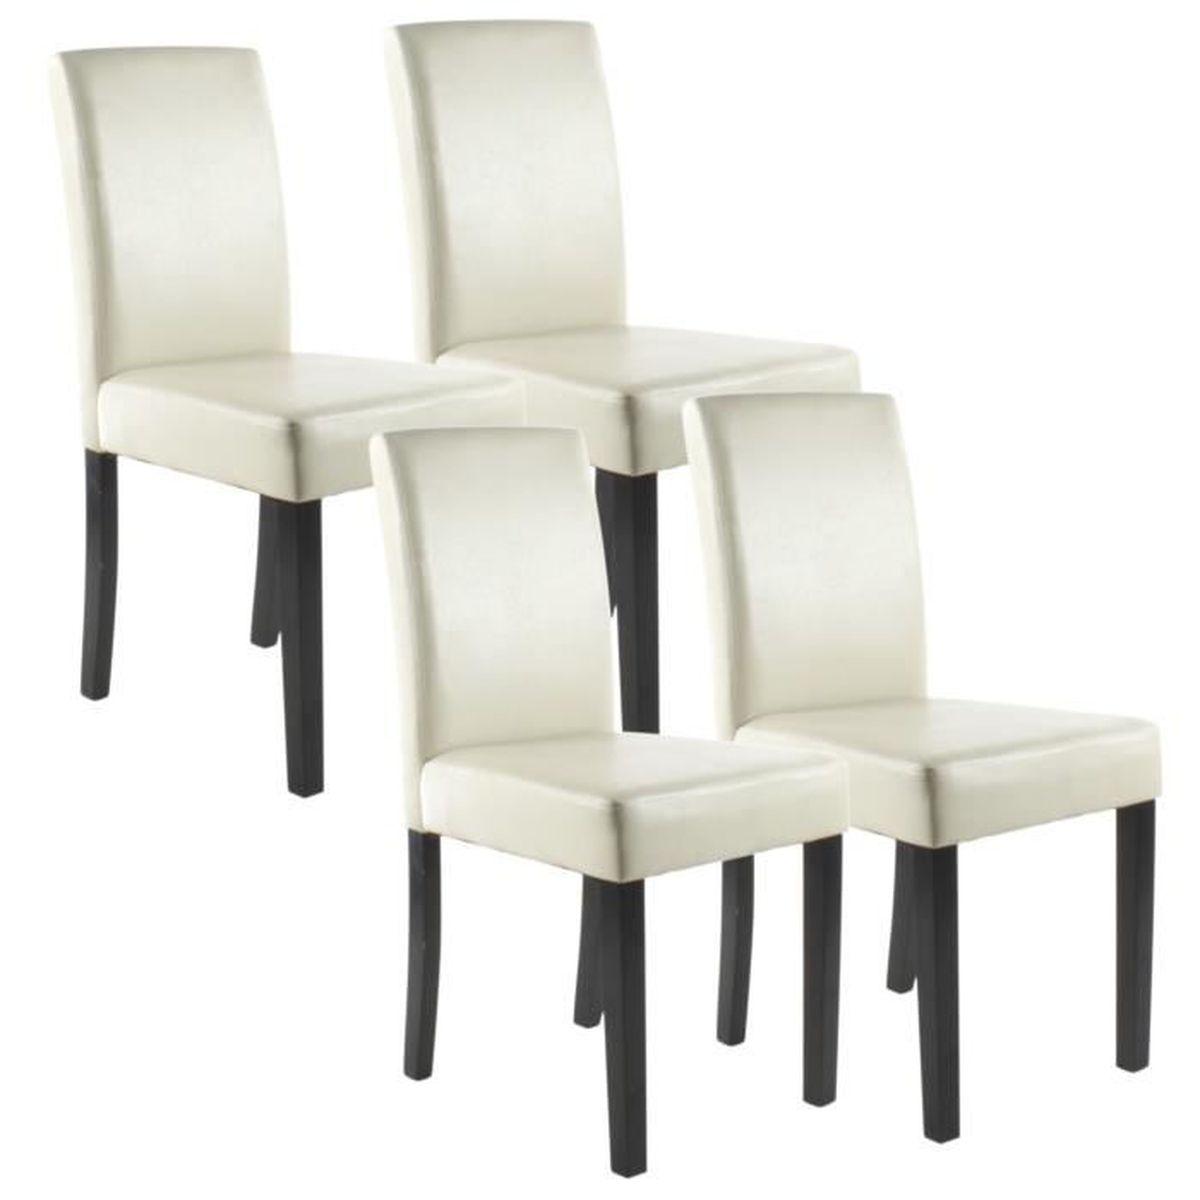 Clara lot de 4 chaises de salle manger ivoire achat for Chaise de salle a manger par 4